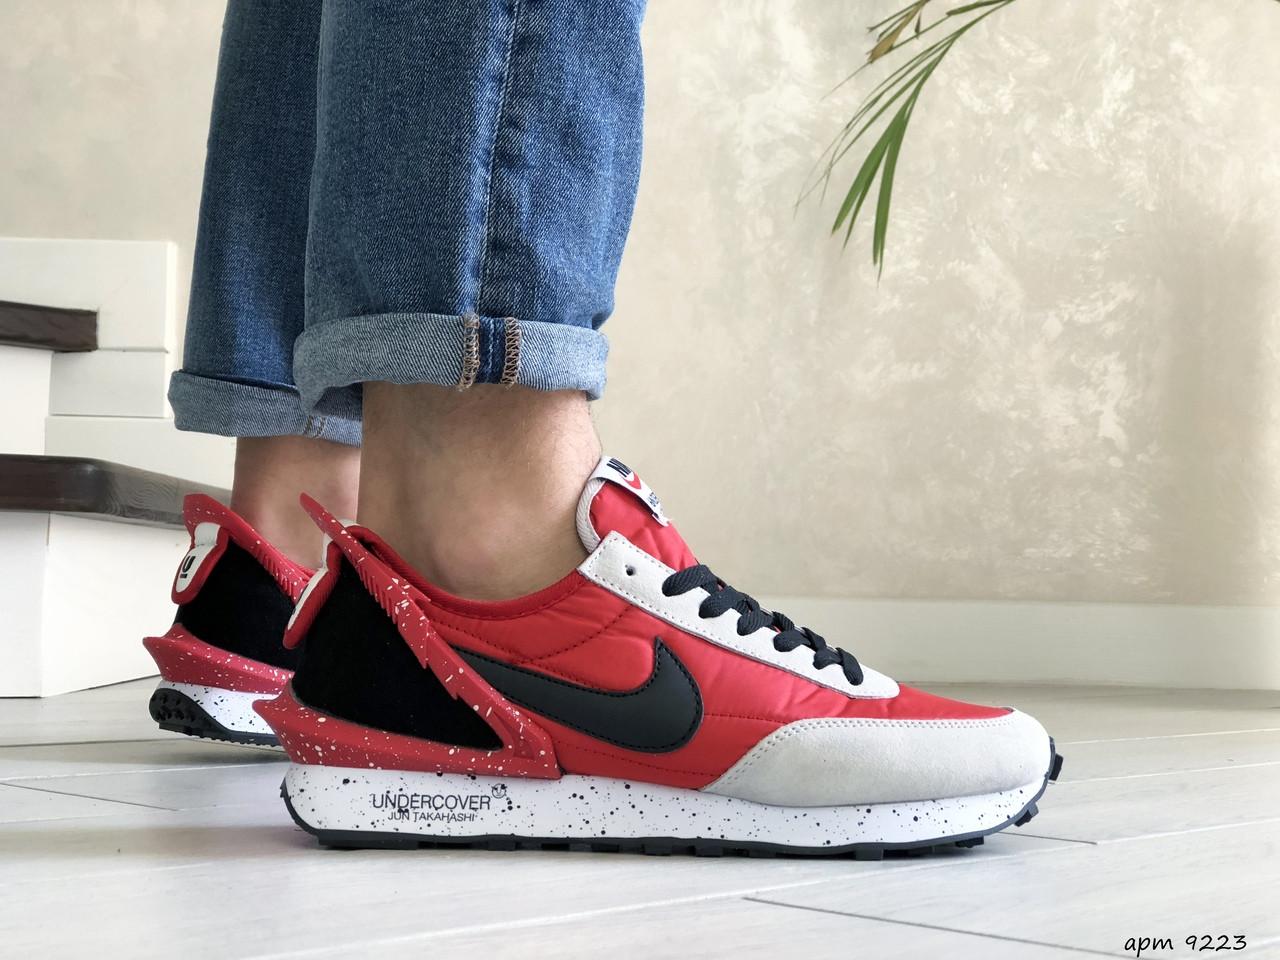 Мужские кроссовки (в стиле) Nike Undercover Jun Takahashi,красные